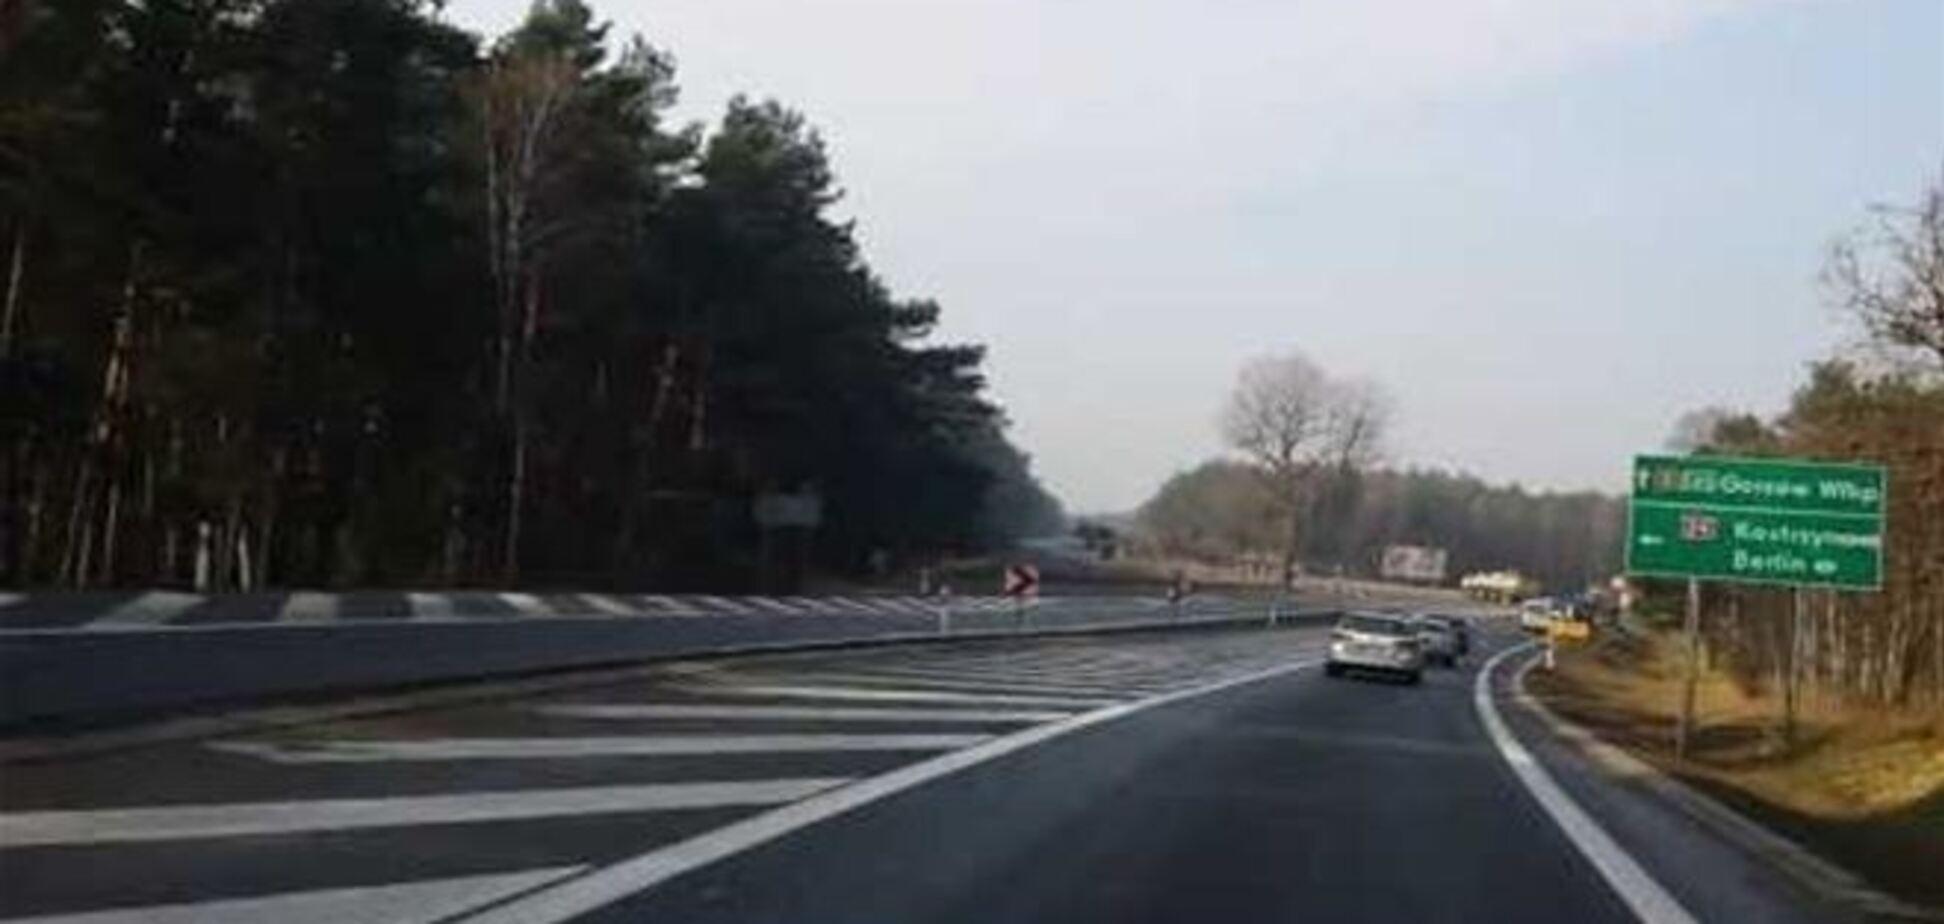 Польша стягивает бронетехнику к границе с Украиной? - 3